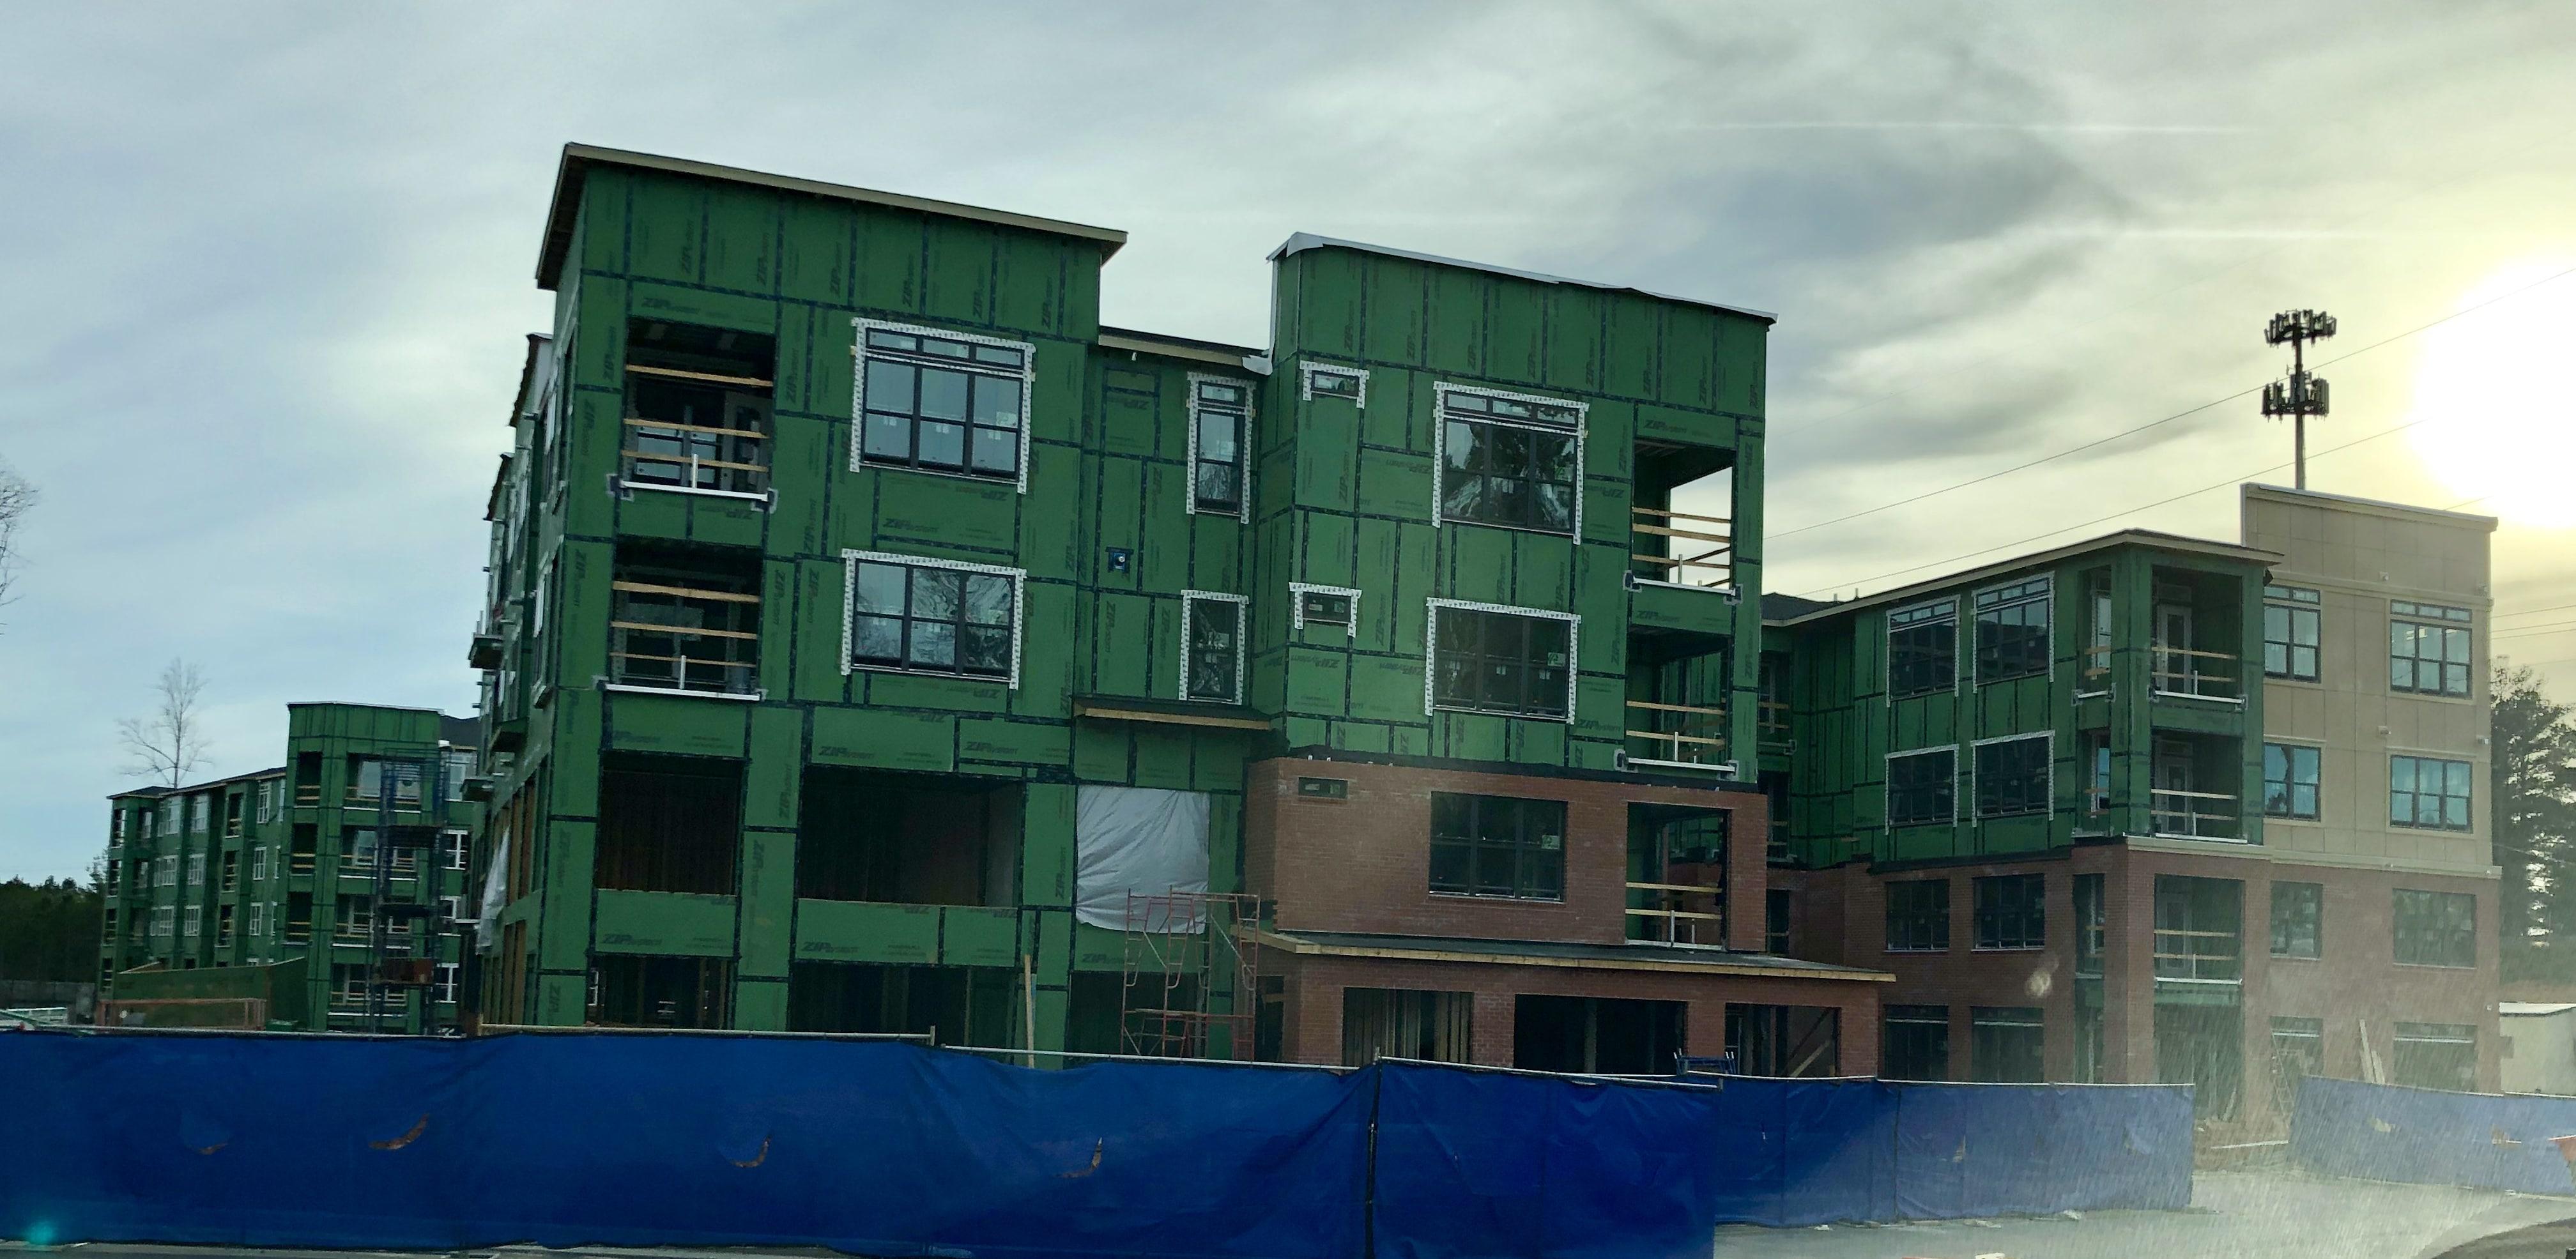 Bell Rd Apt - Under Construction